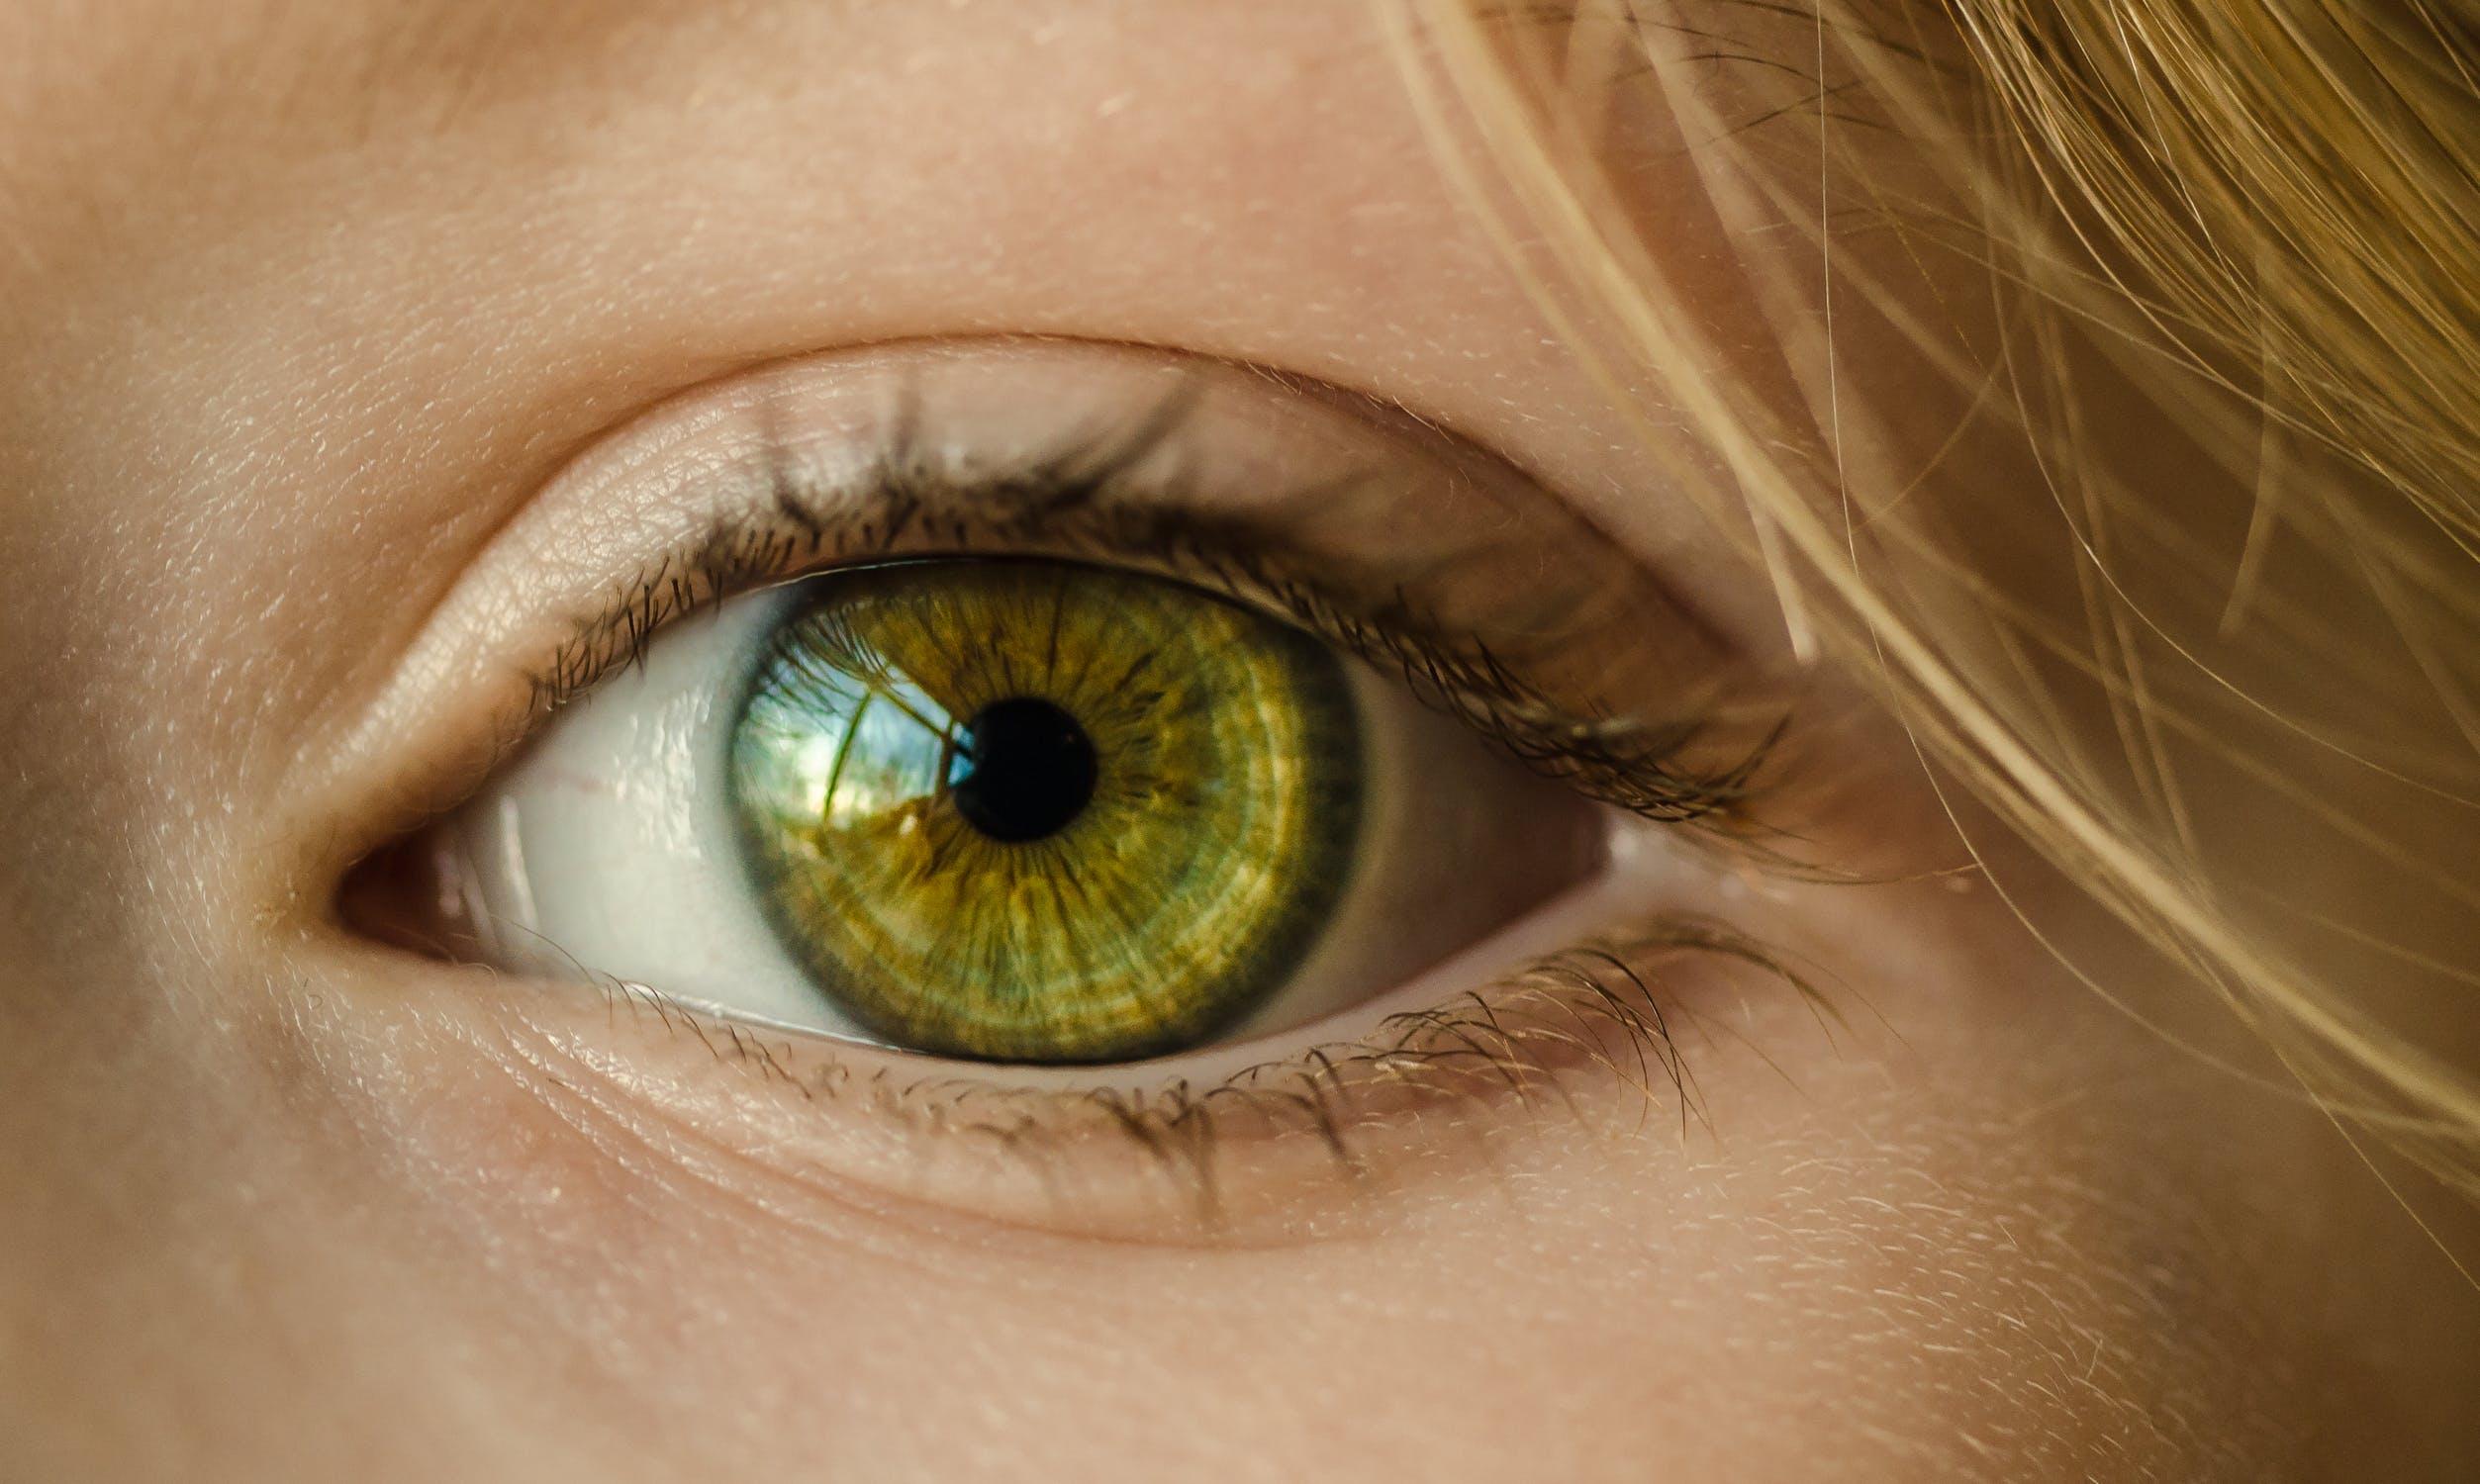 Oči prozradí i to, co nechceme